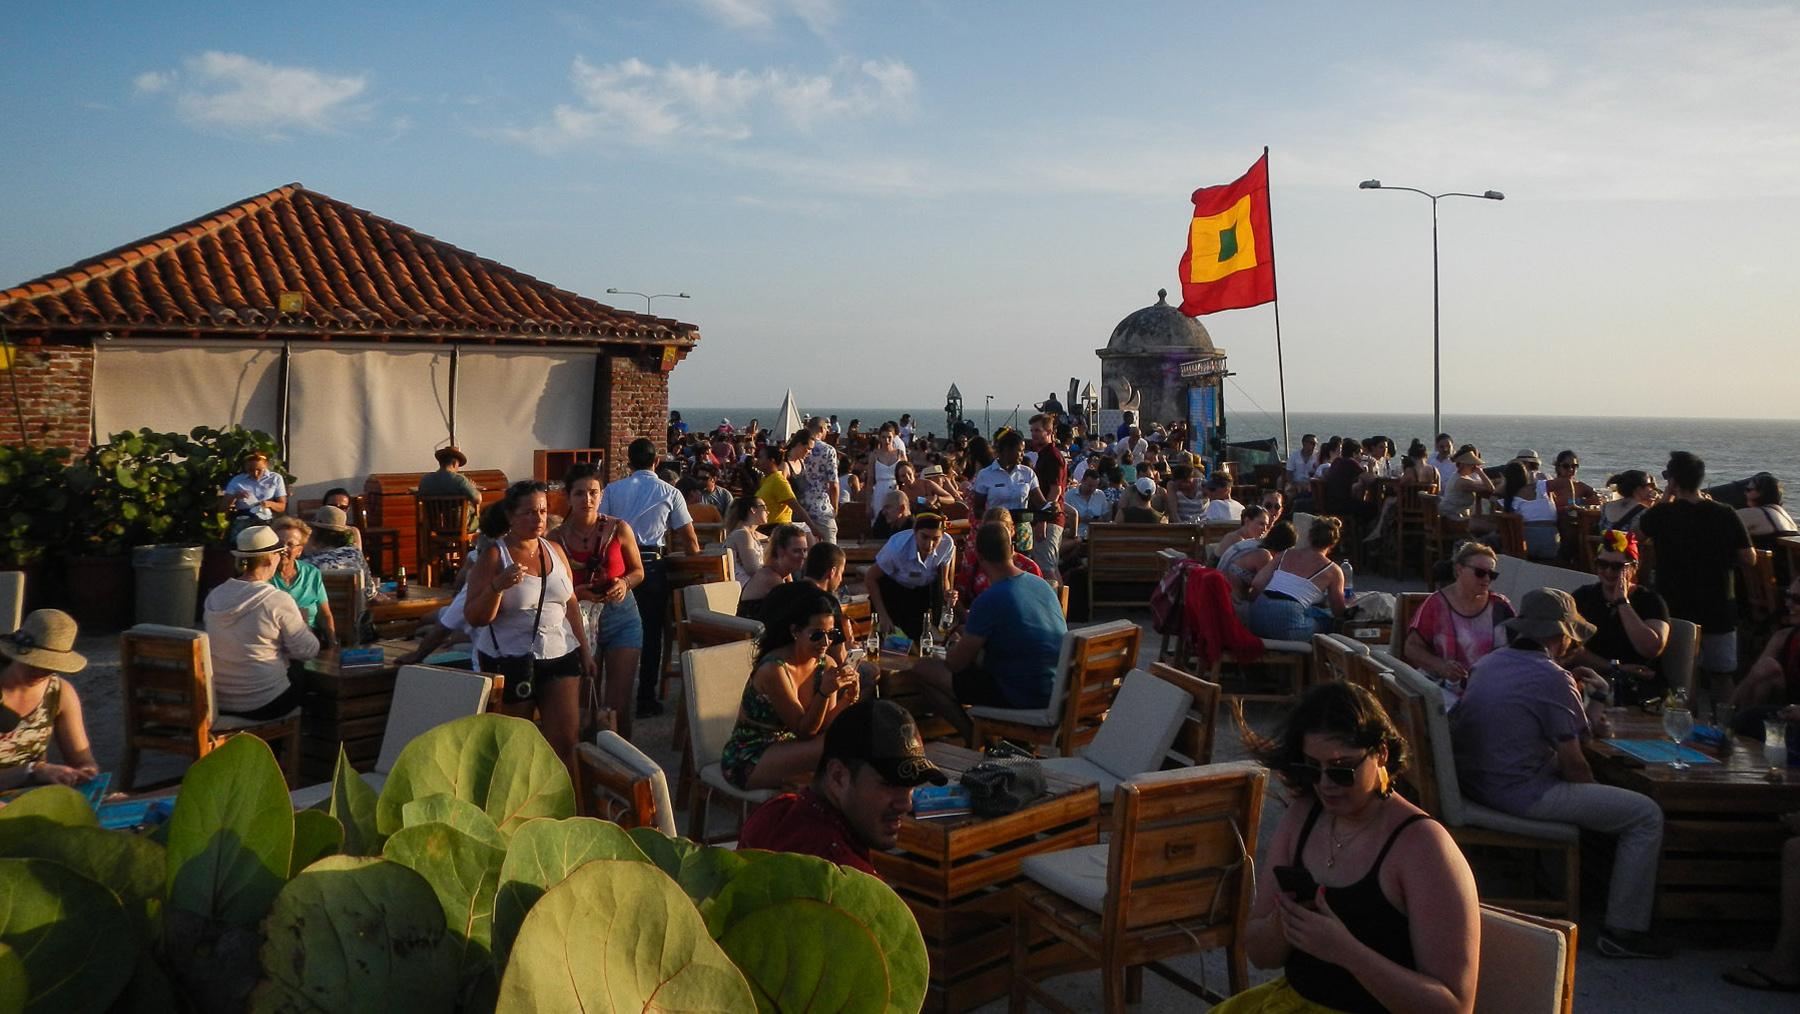 Treffpunkt zum Sonnenuntergang – das Cafe del Mar auf der Festungsmauer